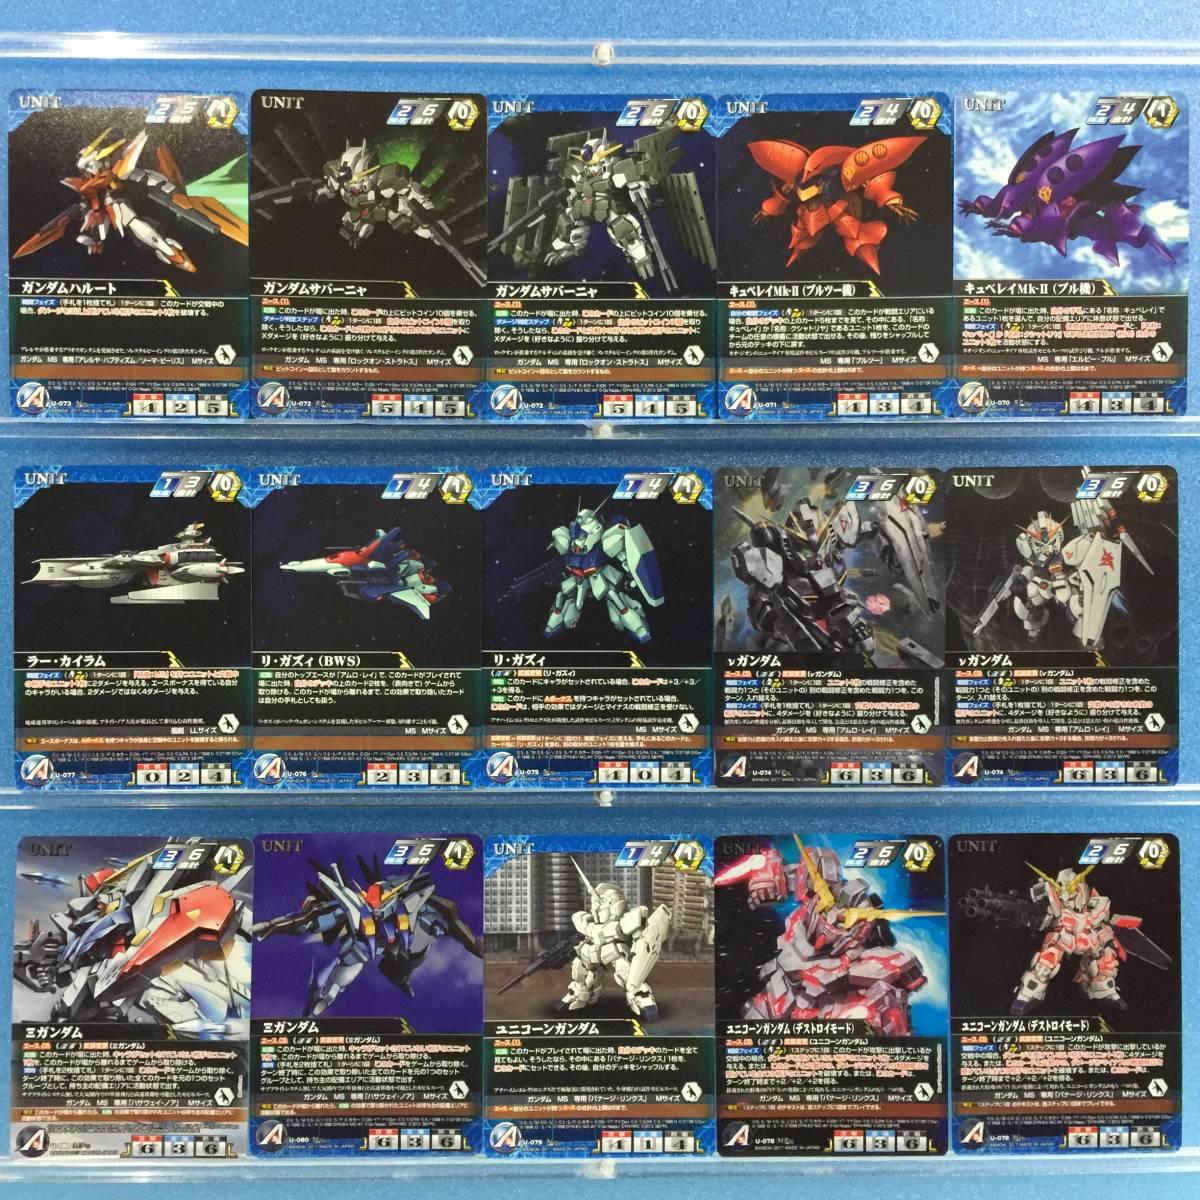 【Crusade】スーパーロボット大戦Vクルセイド 第2弾 ~果て無き激戦~(SRW-CB02) フルコンプ167枚 (全113種+パラレル54種)_画像2